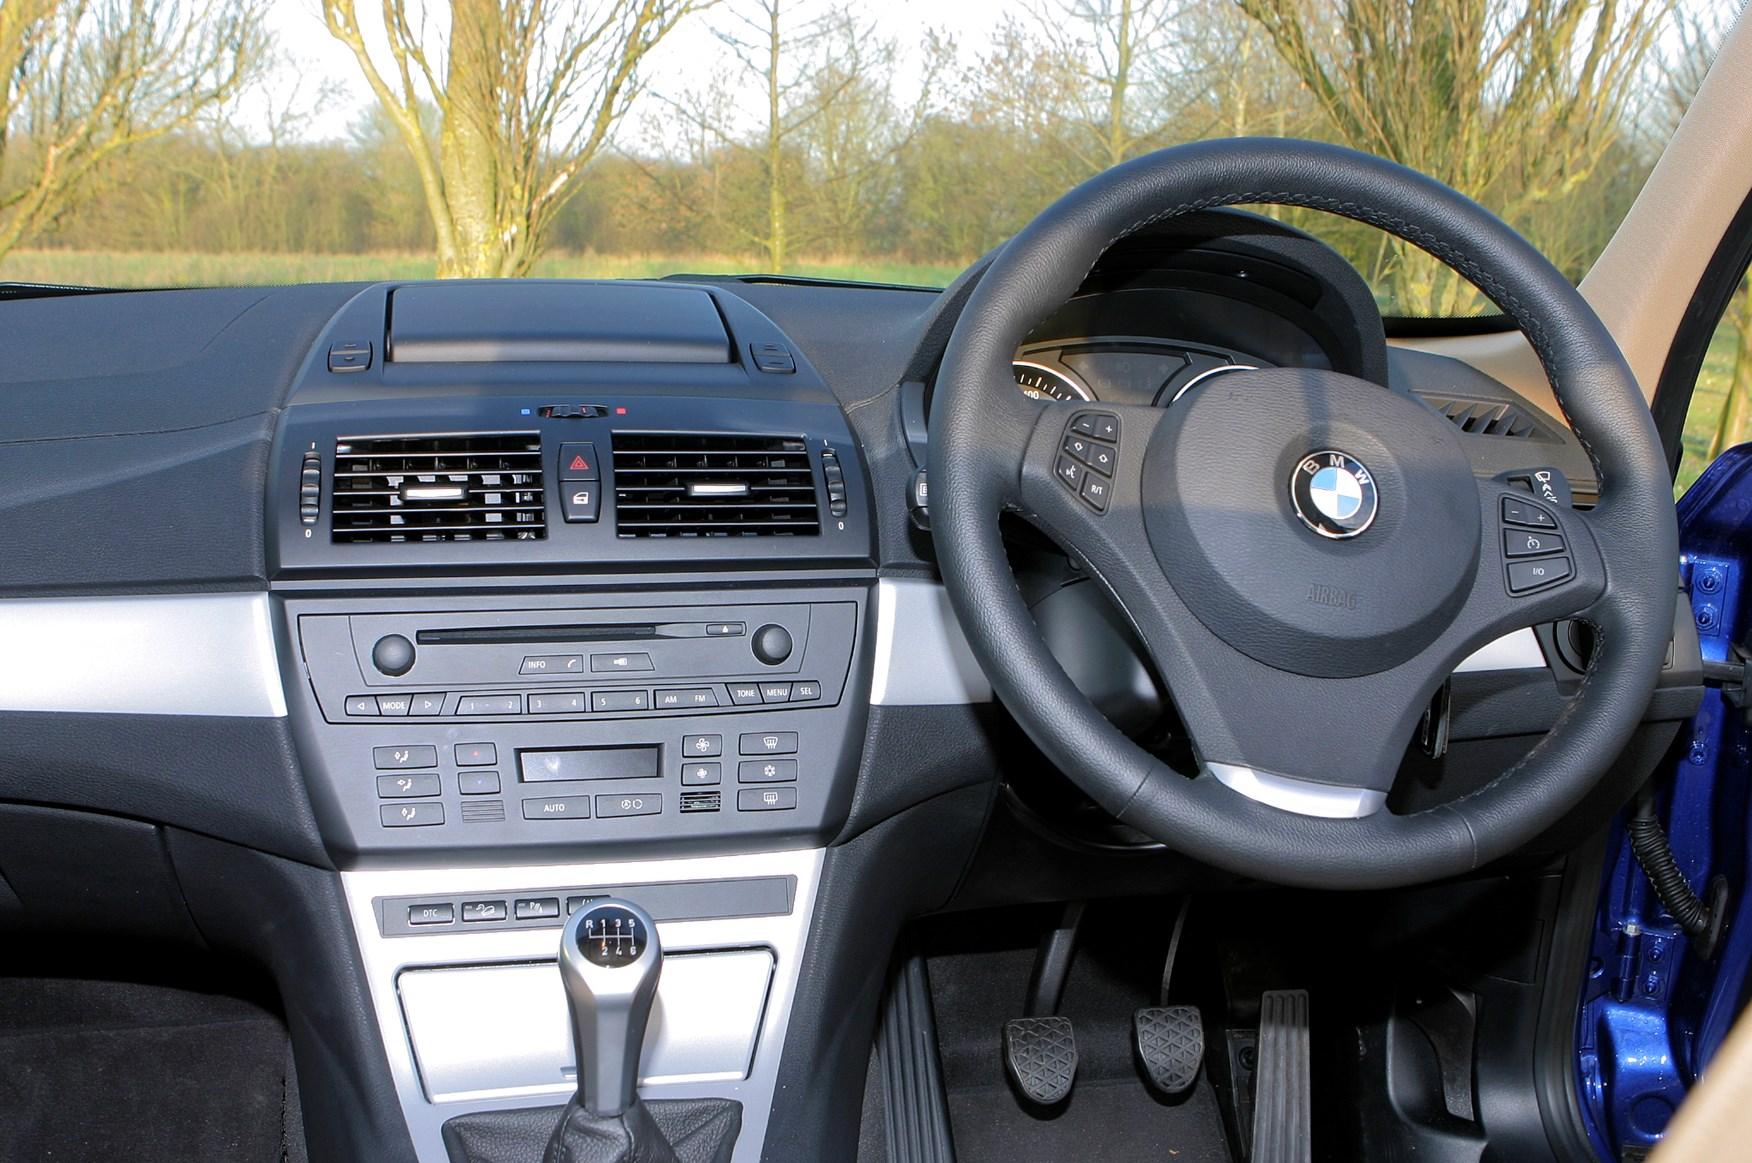 BMW X3 Estate Review 2004 2010